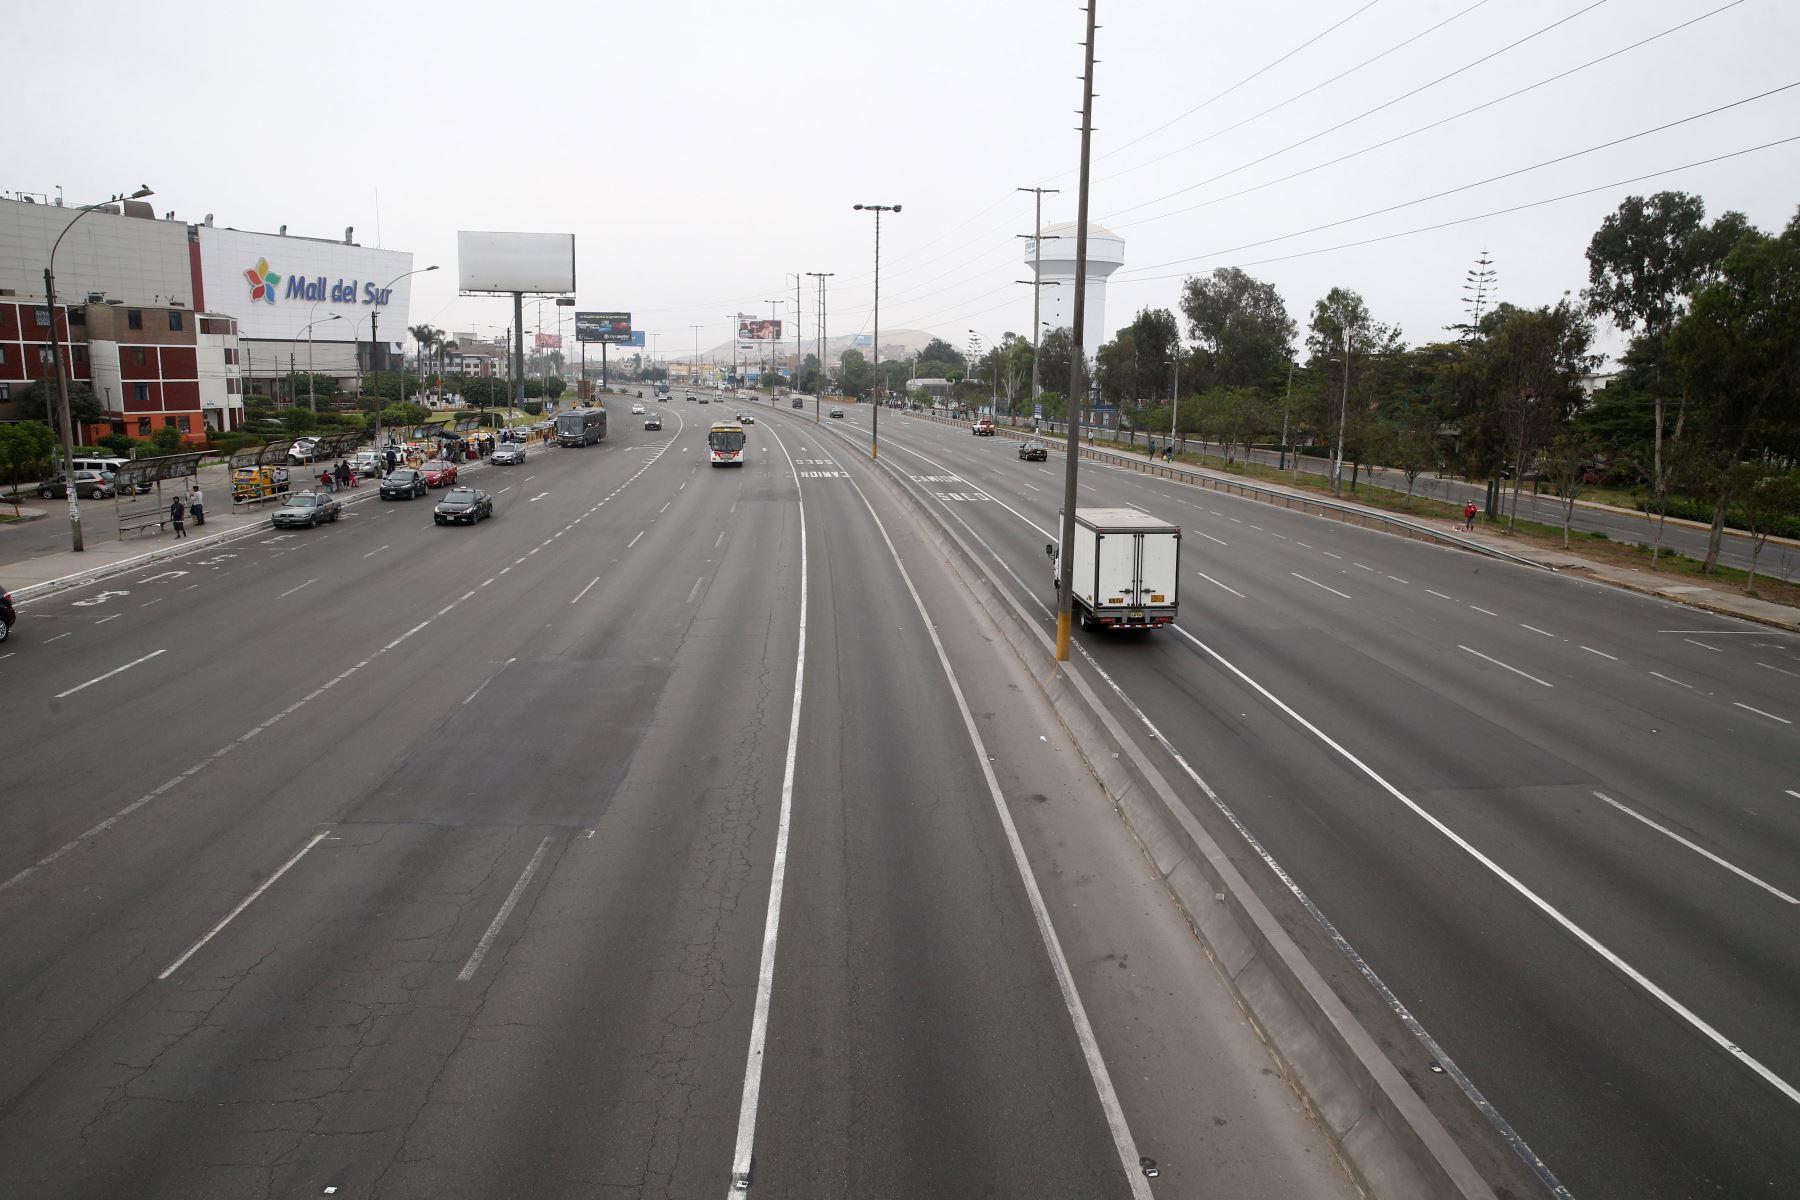 Hoy domingo no pueden circular vehículos particulares en Lima y Callao, pero los ciudadanos pueden desplazarse en el transporte público, siempre y cuando usen mascarilla y protector facial. También pueden circular a pie o en bicicletas u otros vehículos no motorizado. Imagen de Vía Evitamiento en Lima Sur. Foto: ANDINA/Vidal Tarqui